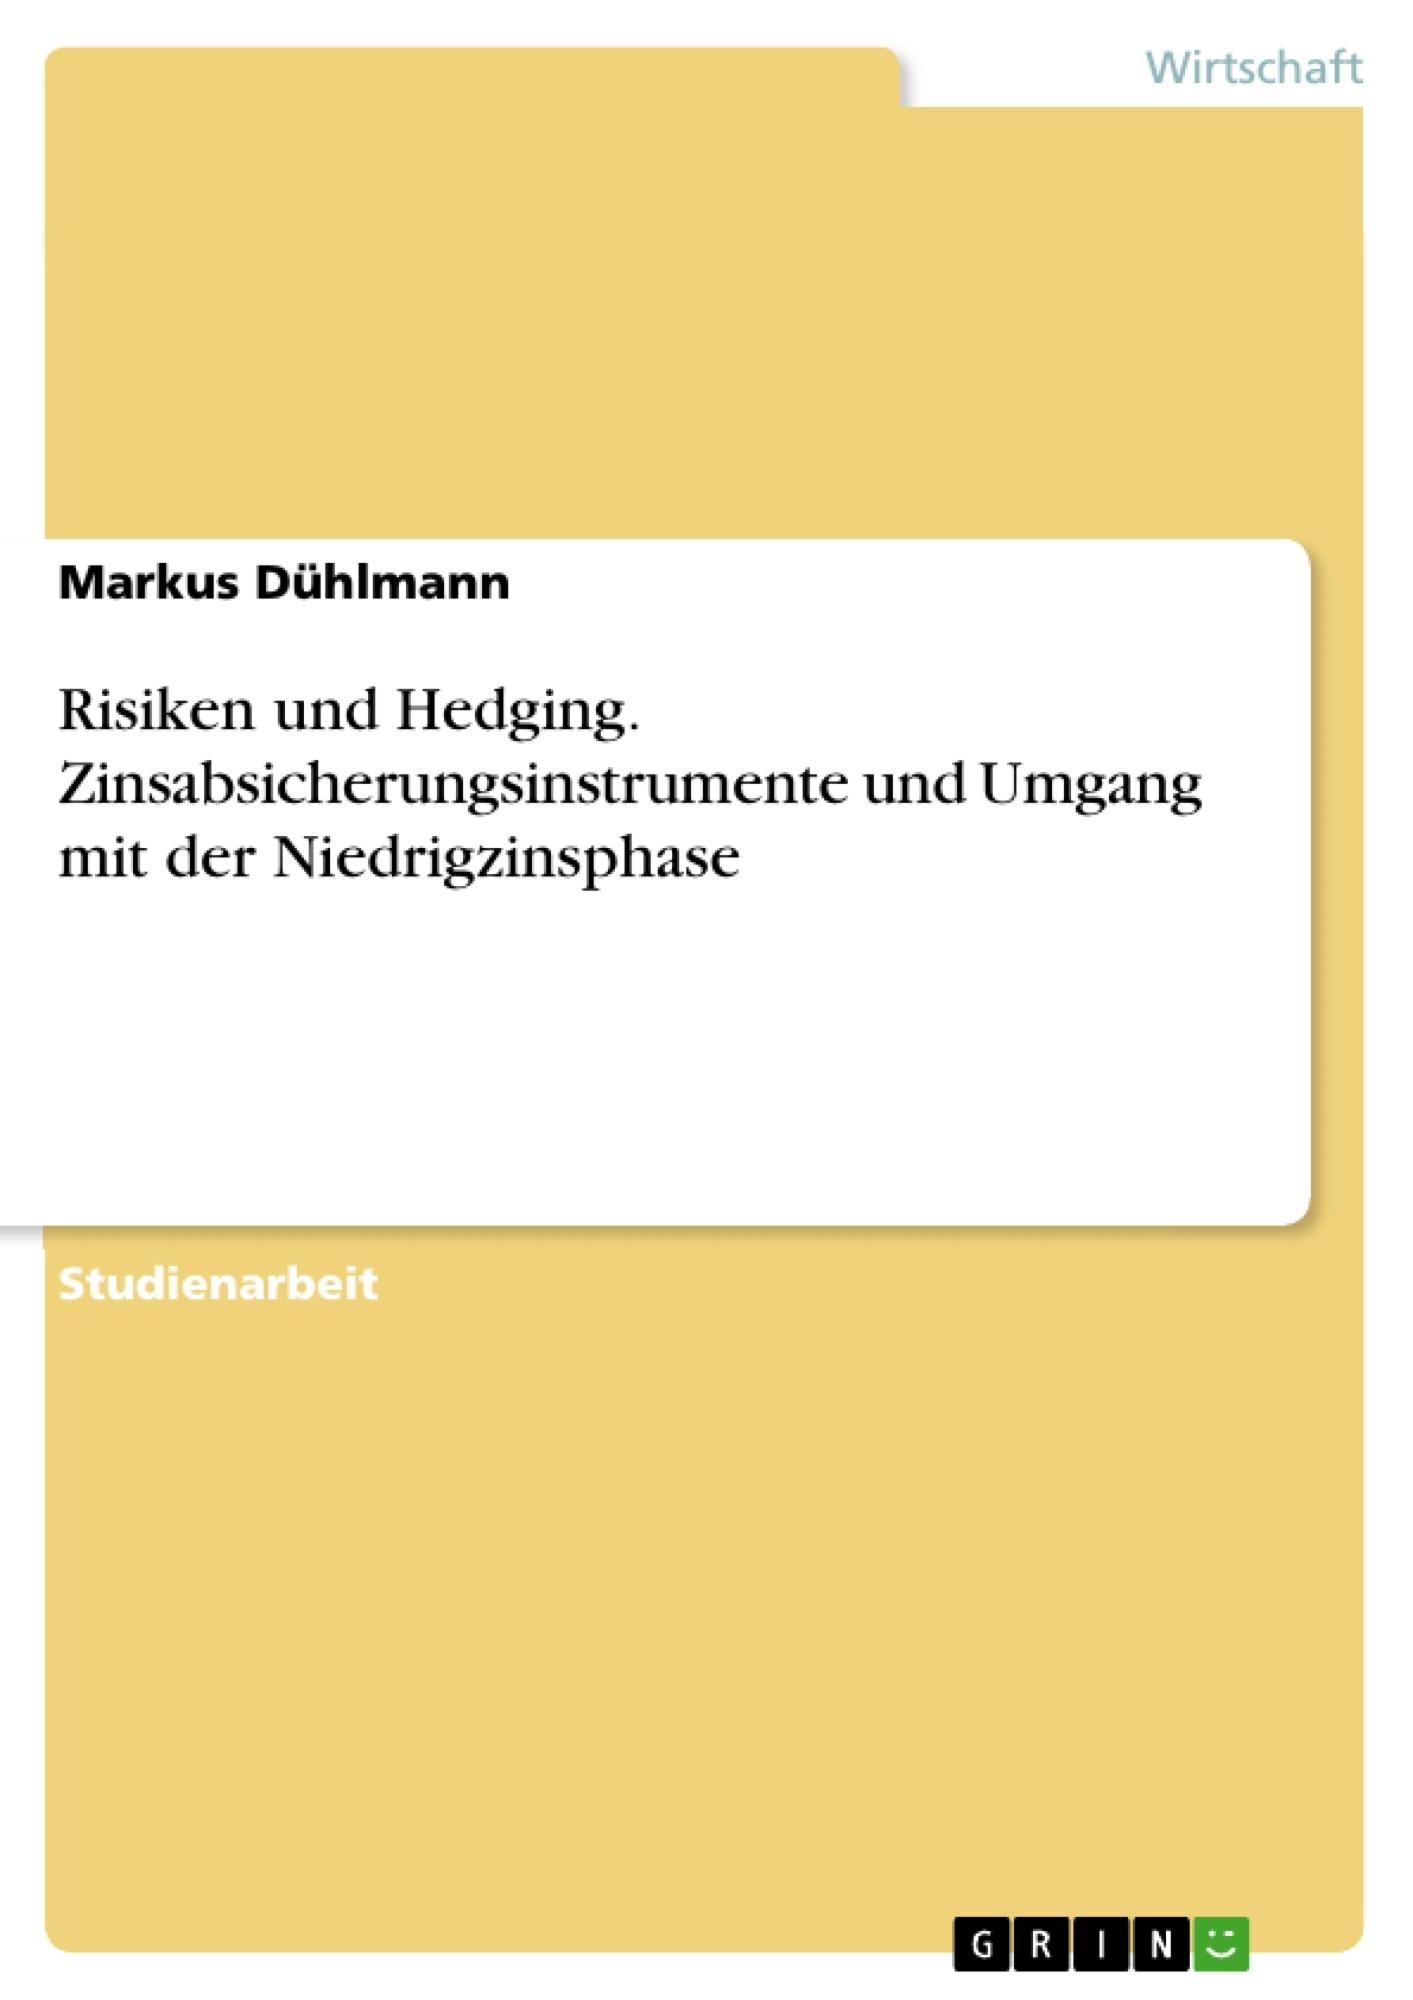 Titel: Risiken und Hedging. Zinsabsicherungsinstrumente und Umgang mit der Niedrigzinsphase